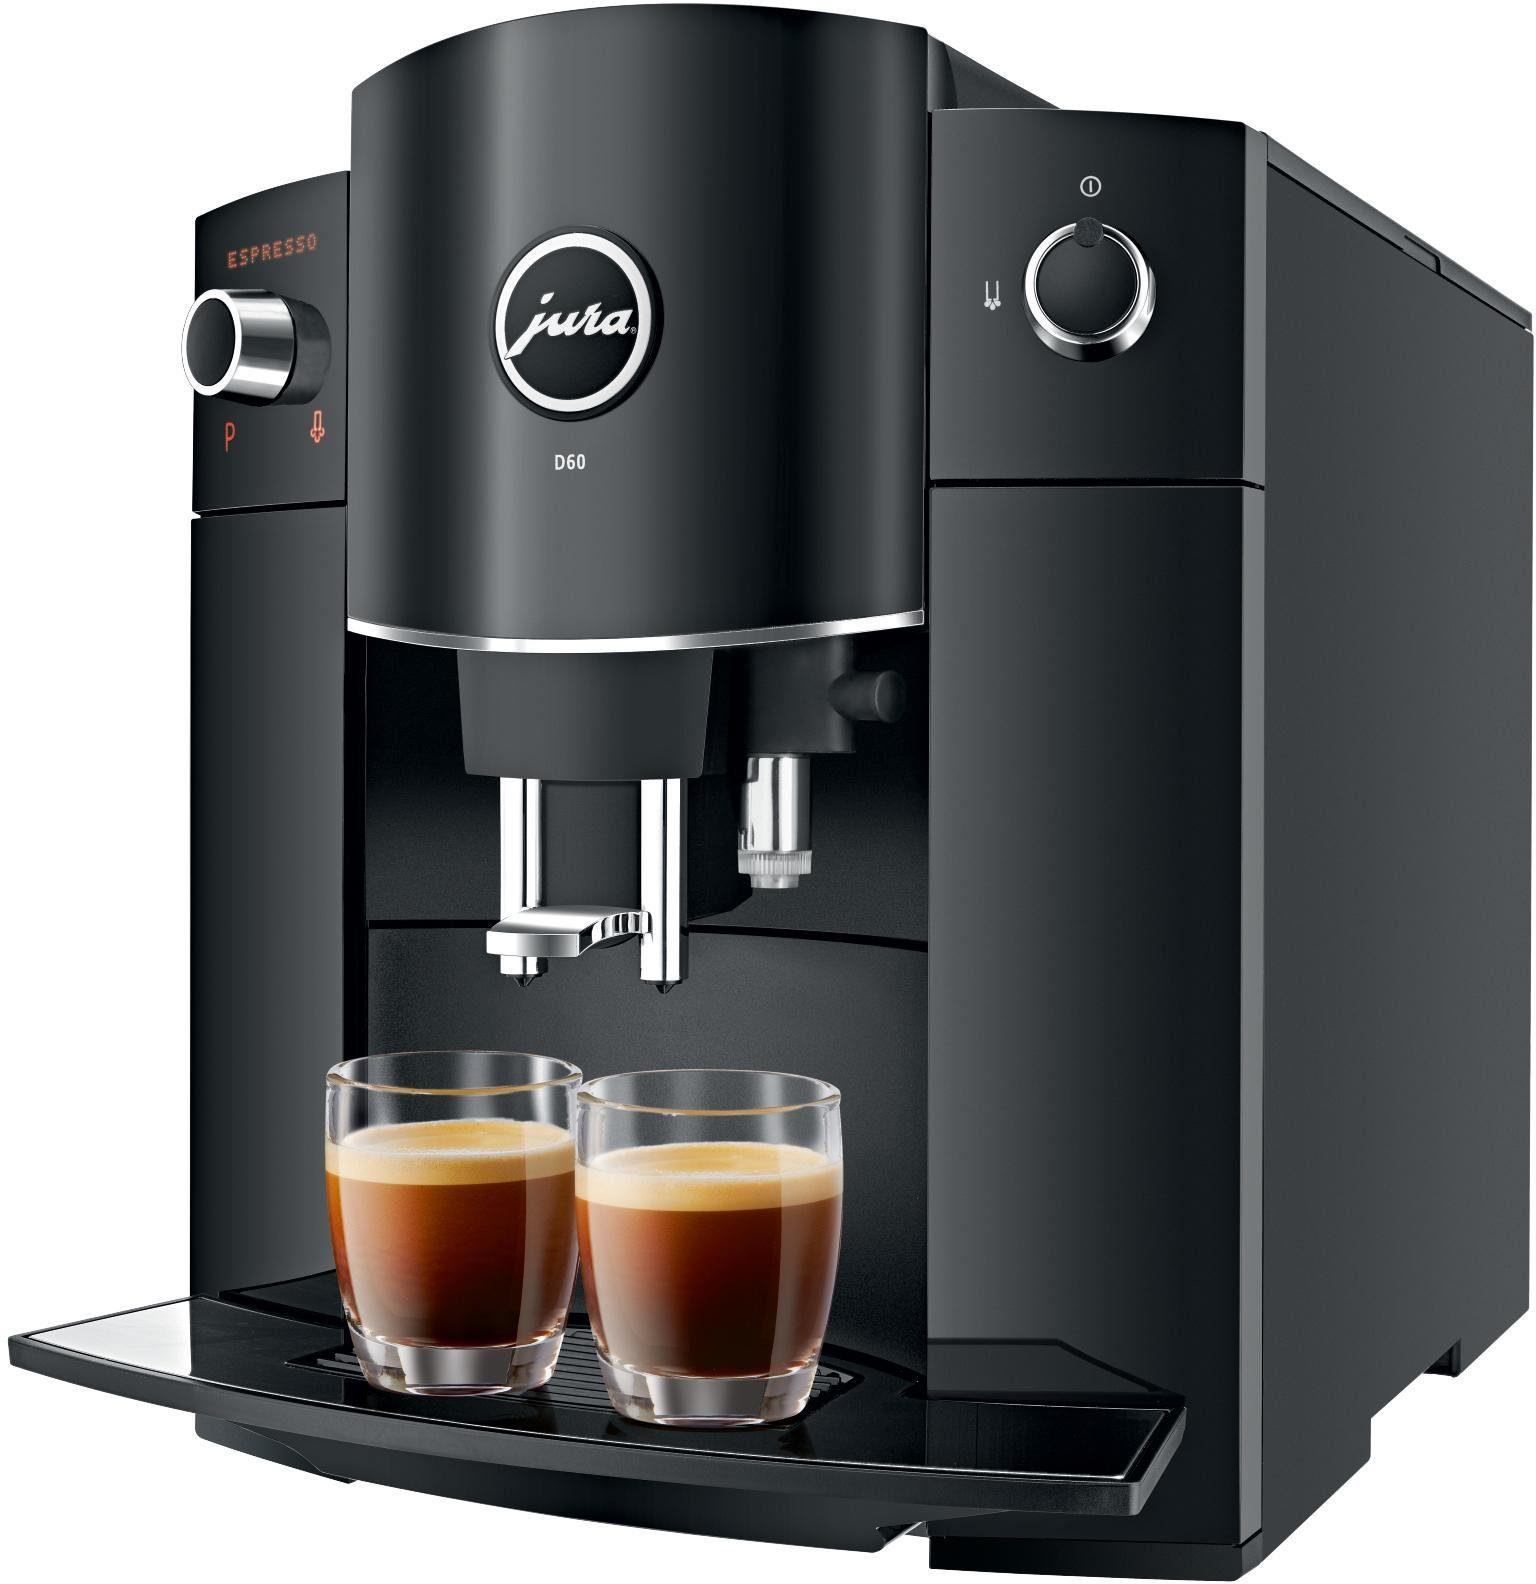 JURA Kaffeevollautomat 15193 D60 Piano Black  OTTO